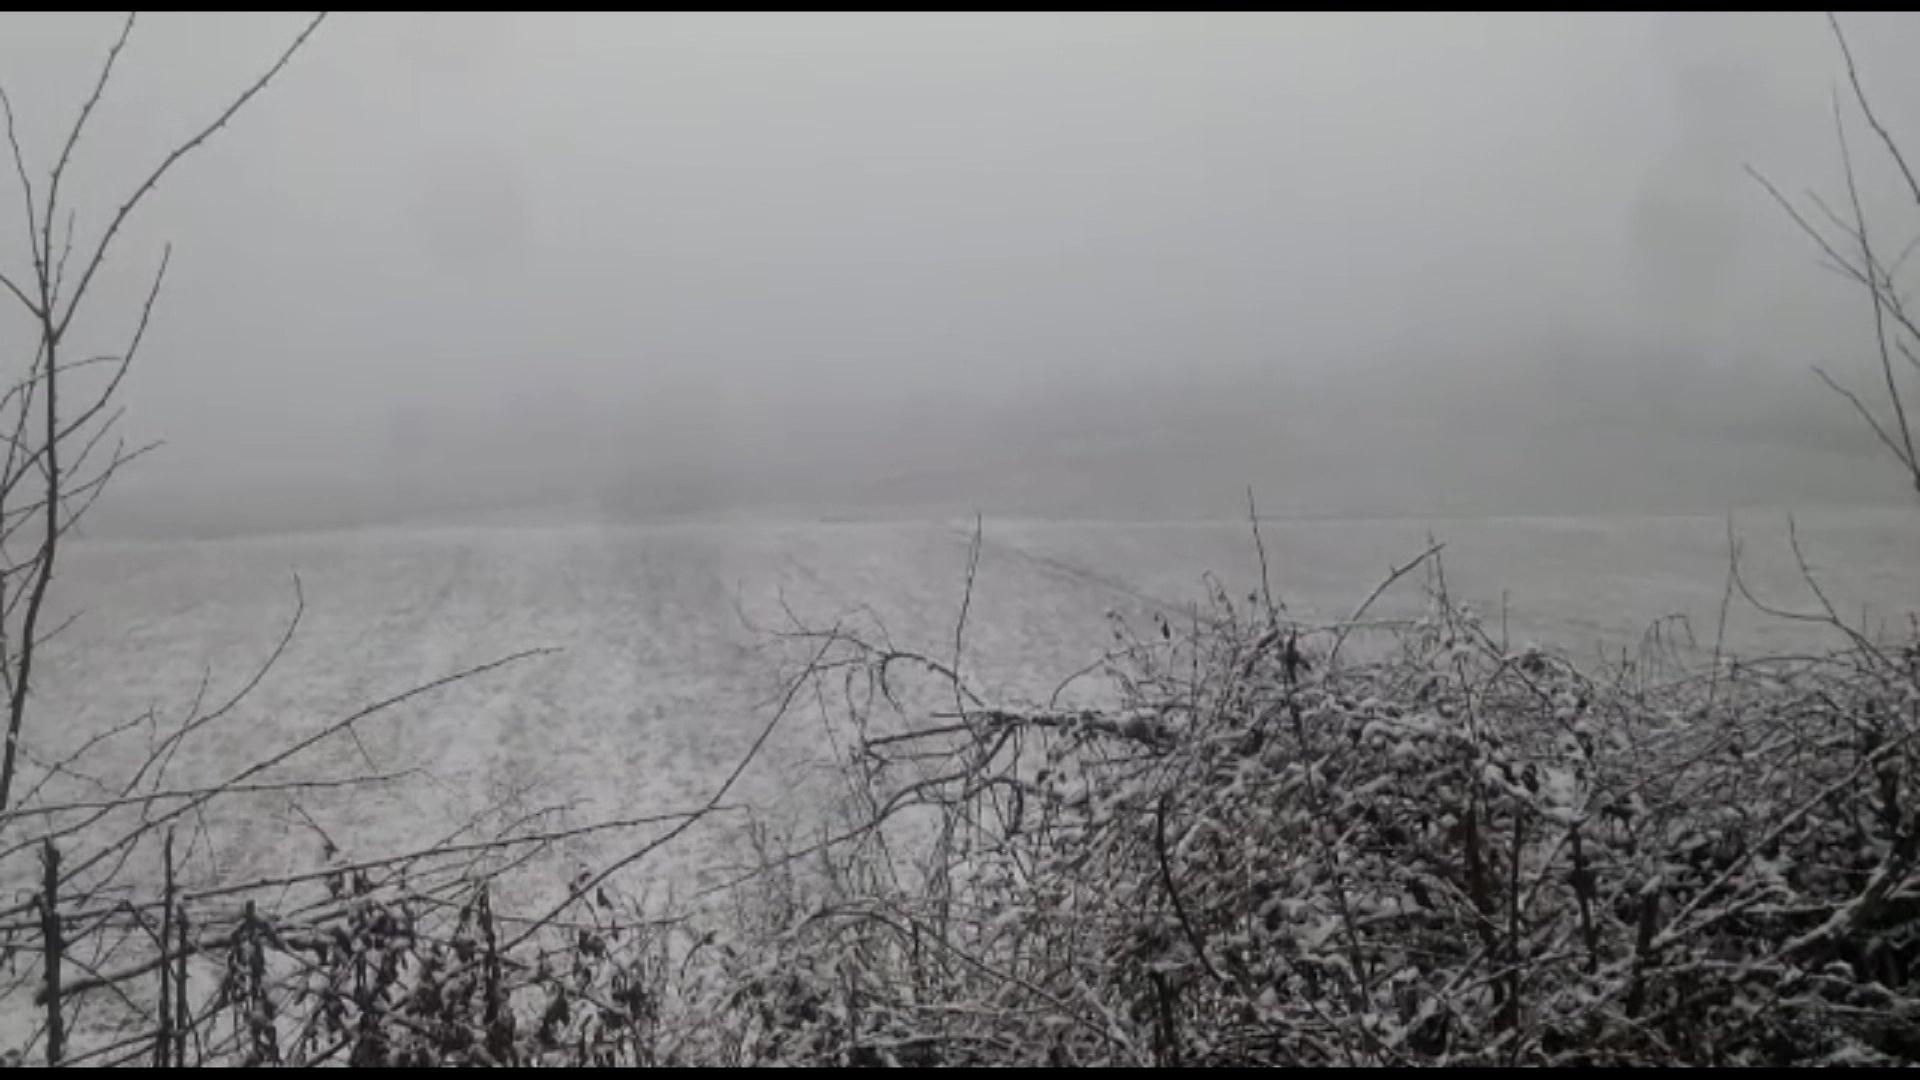 Rikthehen reshjet e borës dhe shiut në ditët në vijim